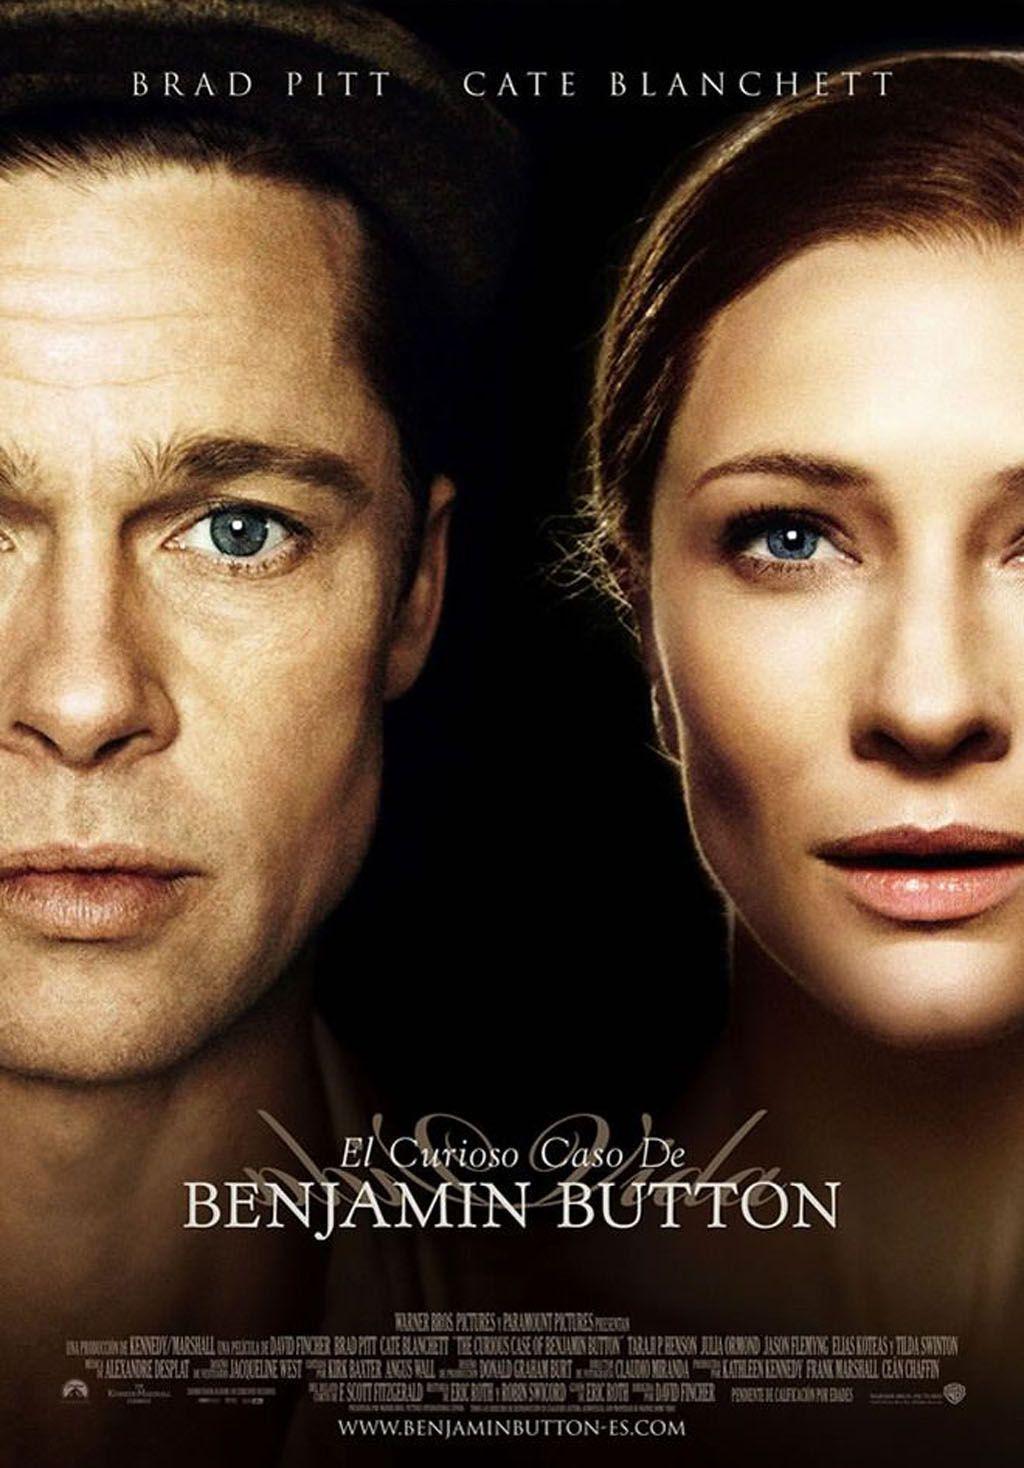 David Fincher The Curious Case Of Benjamin Button El Curioso Caso De Benjamin Button Afiches Cartazes De Filmes Capas De Filmes Melhores Filmes